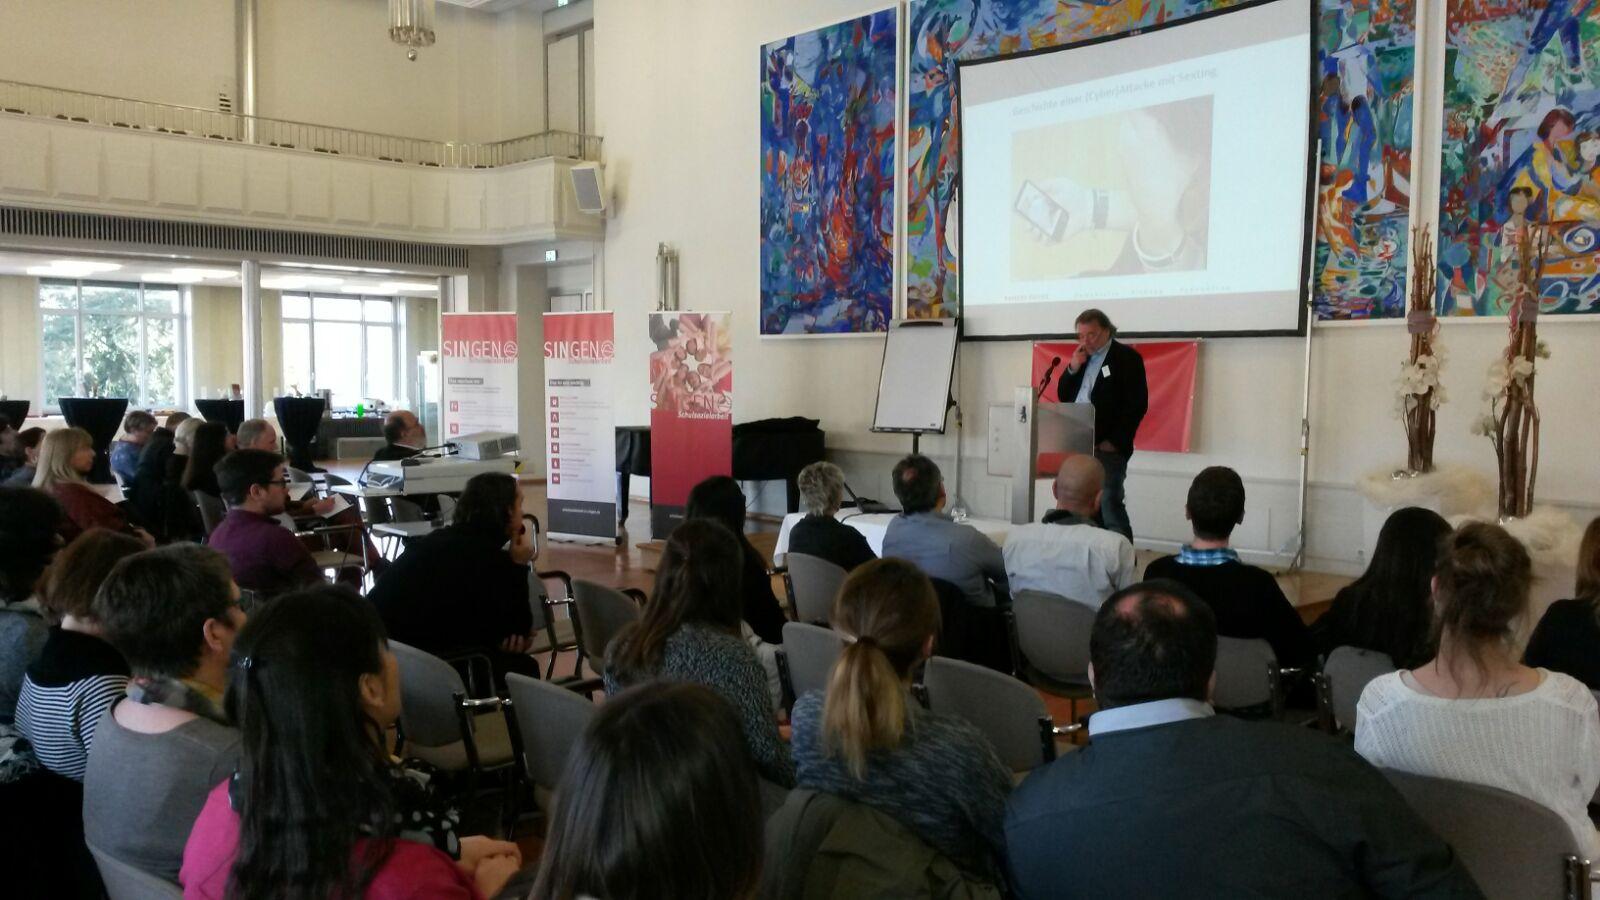 15 Jahre Schulsozialarbeit in Singen – Fachtag zum Thema Qualitätsmanagement